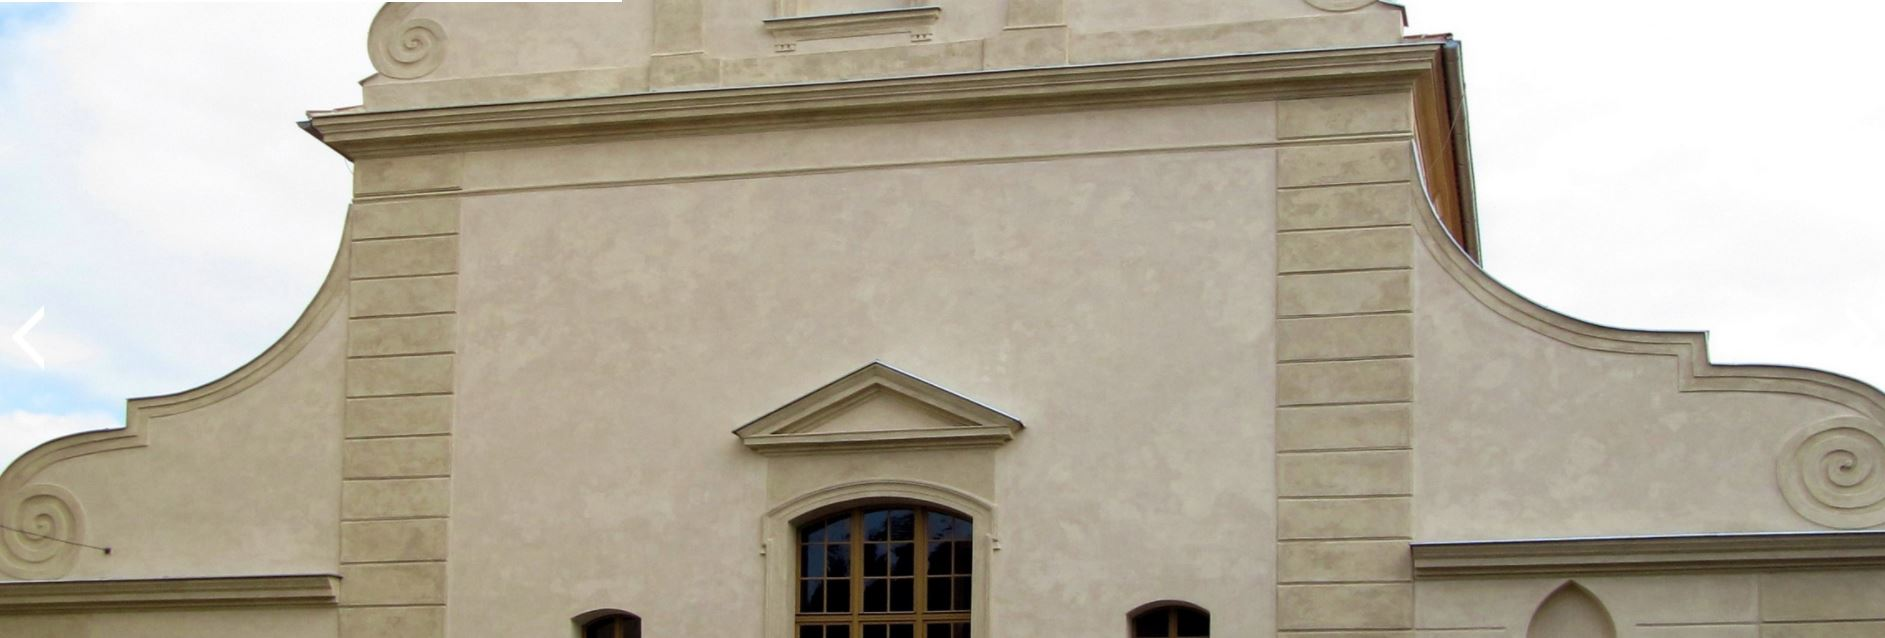 Zakázkové fasády - možnost napodobení jakékoliv omítky při lokální i celoplošné rekonstrukci